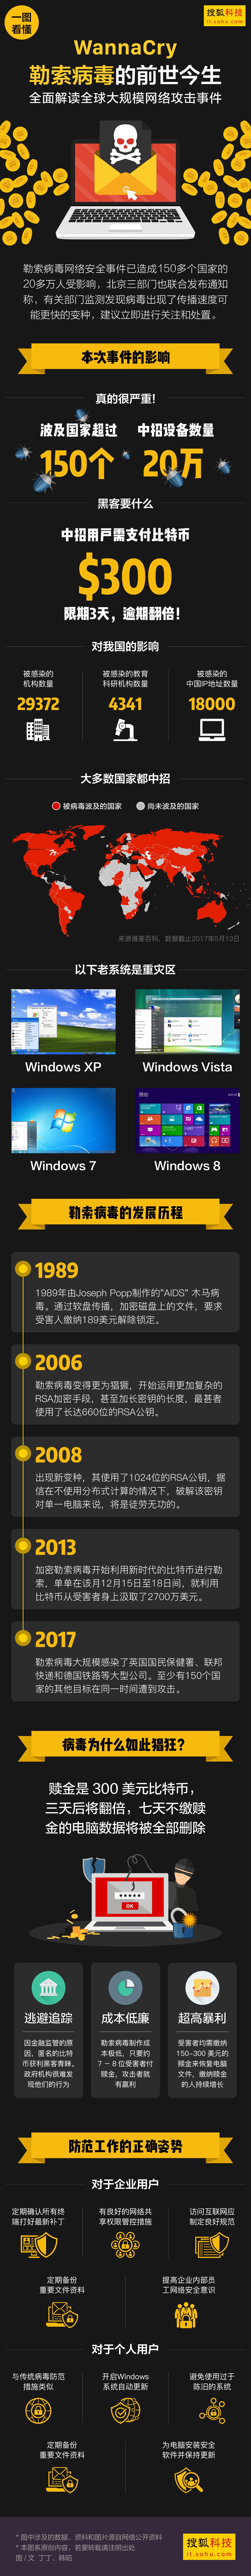 勒索病毒WannaCry前生今世 图说大规模网络攻击案